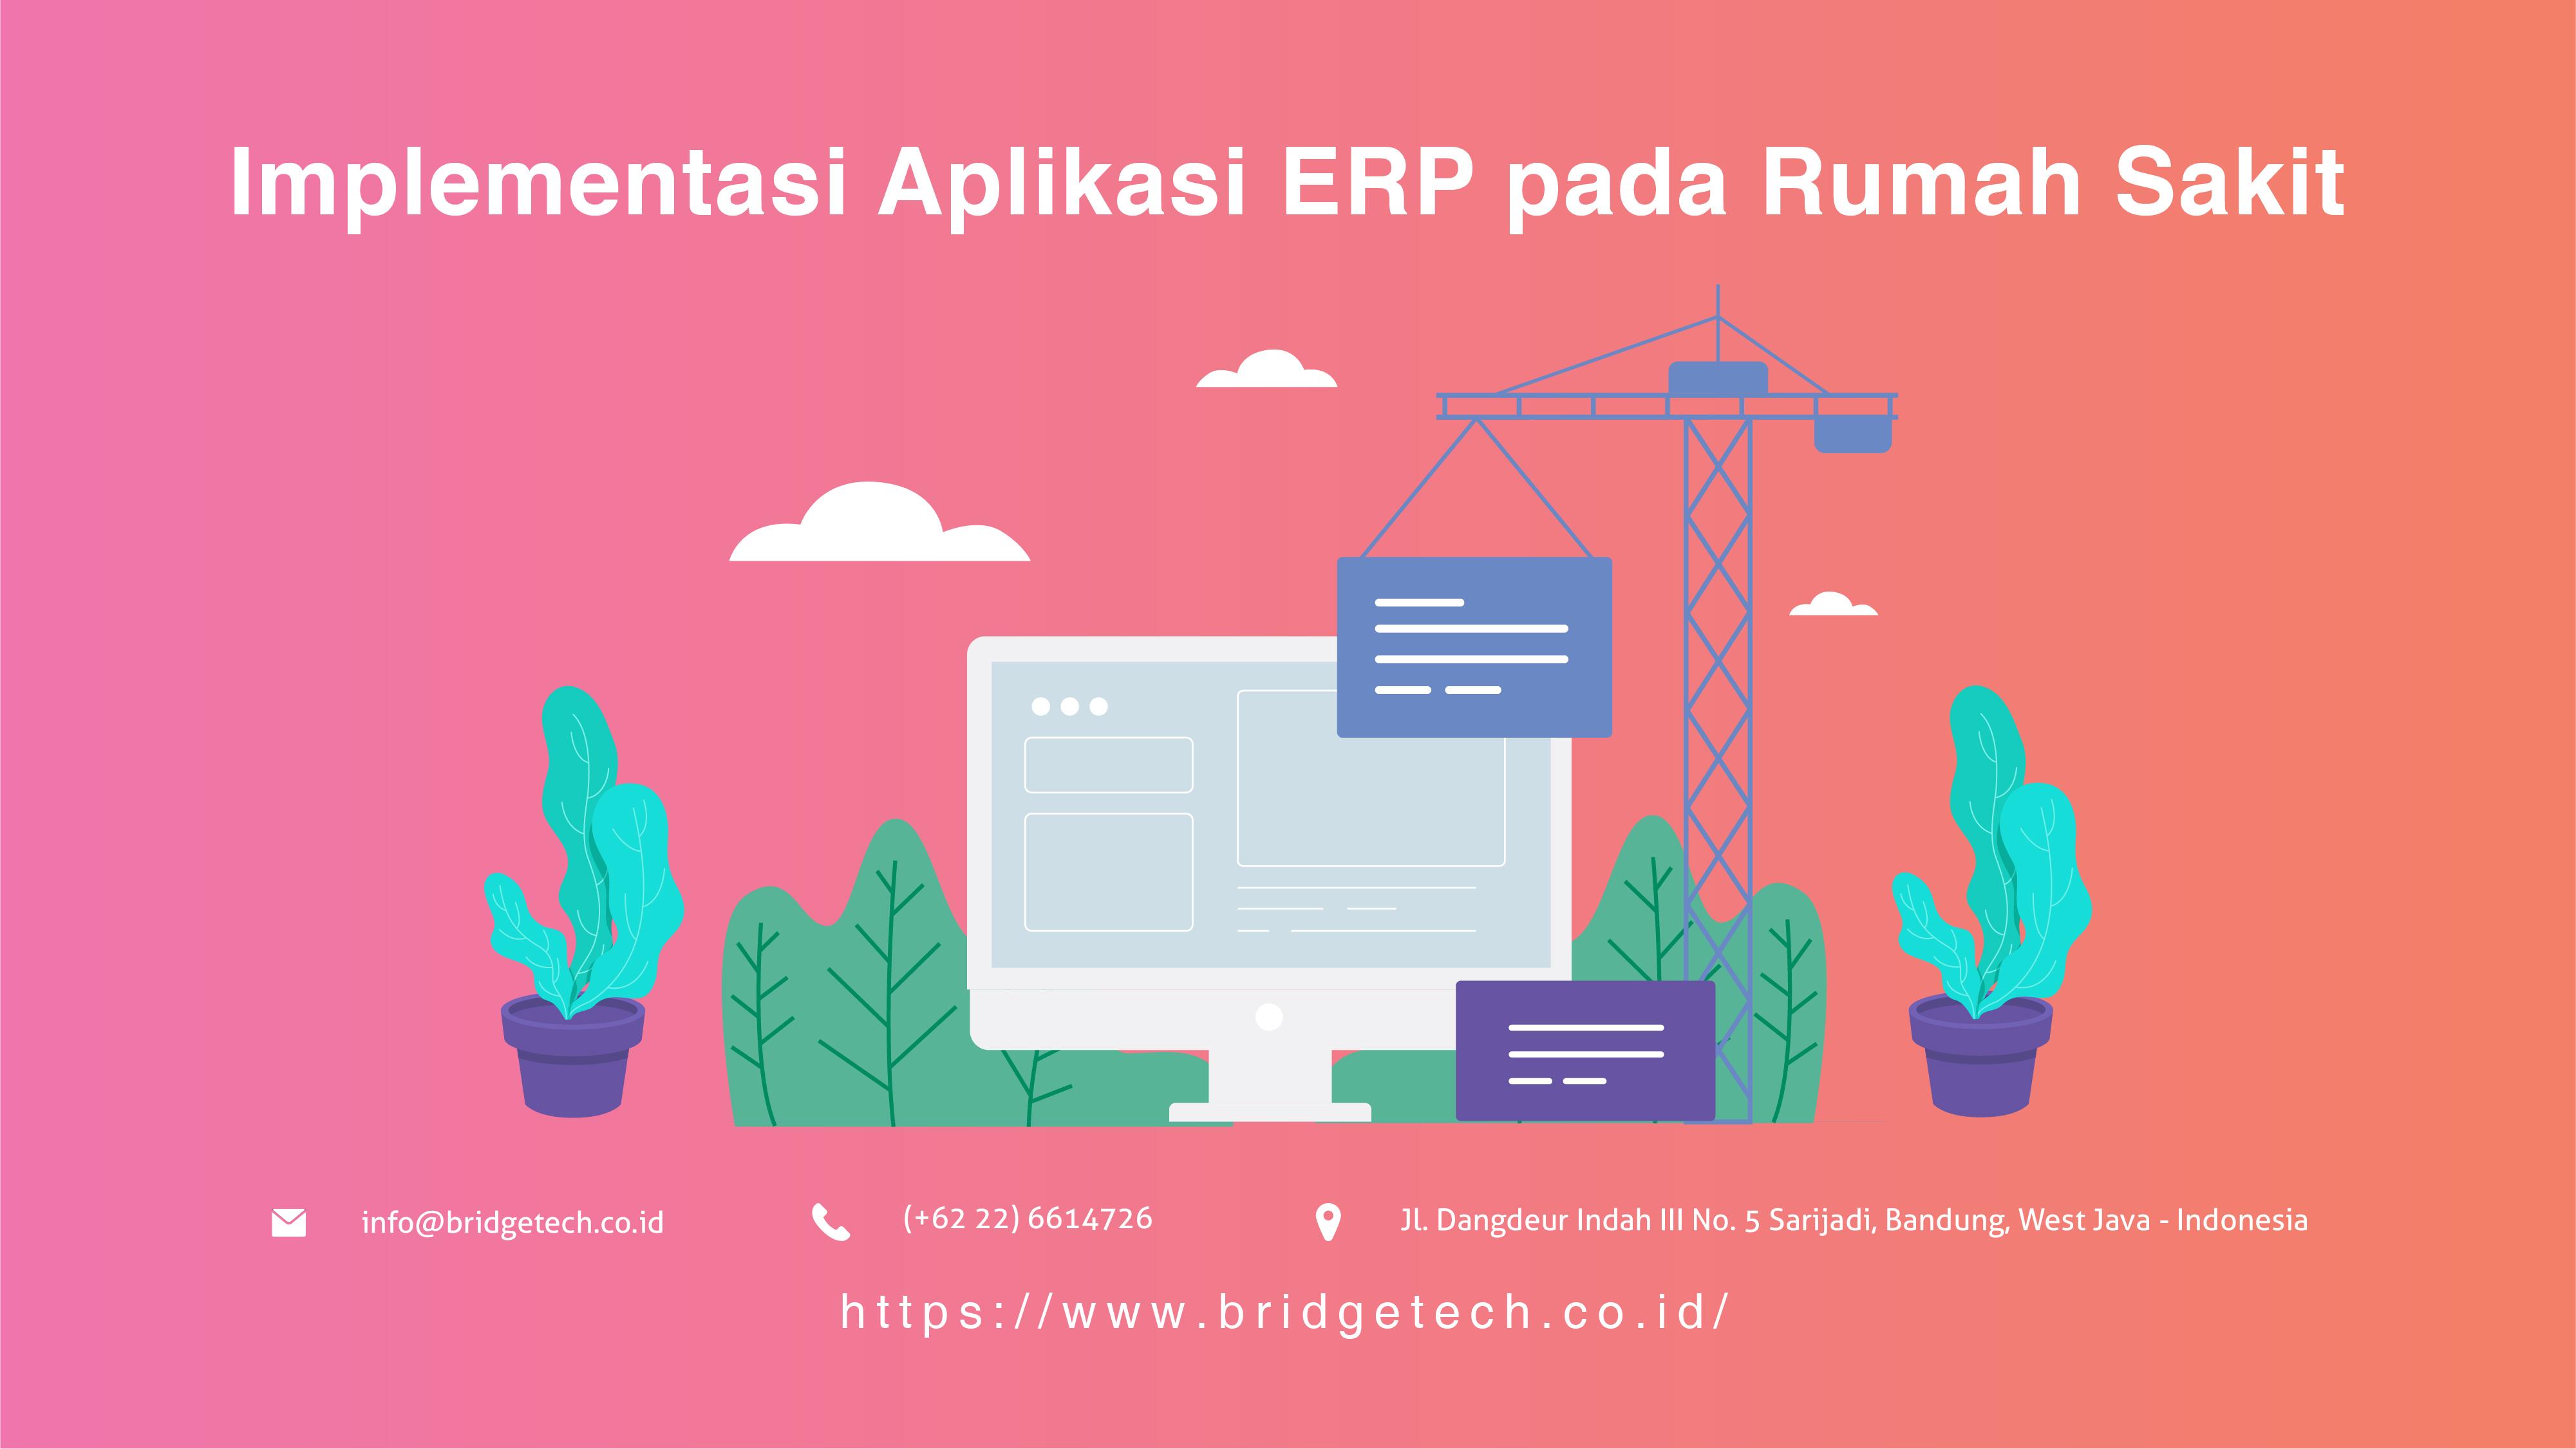 Implementasi Aplikasi ERP pada rumah sakit